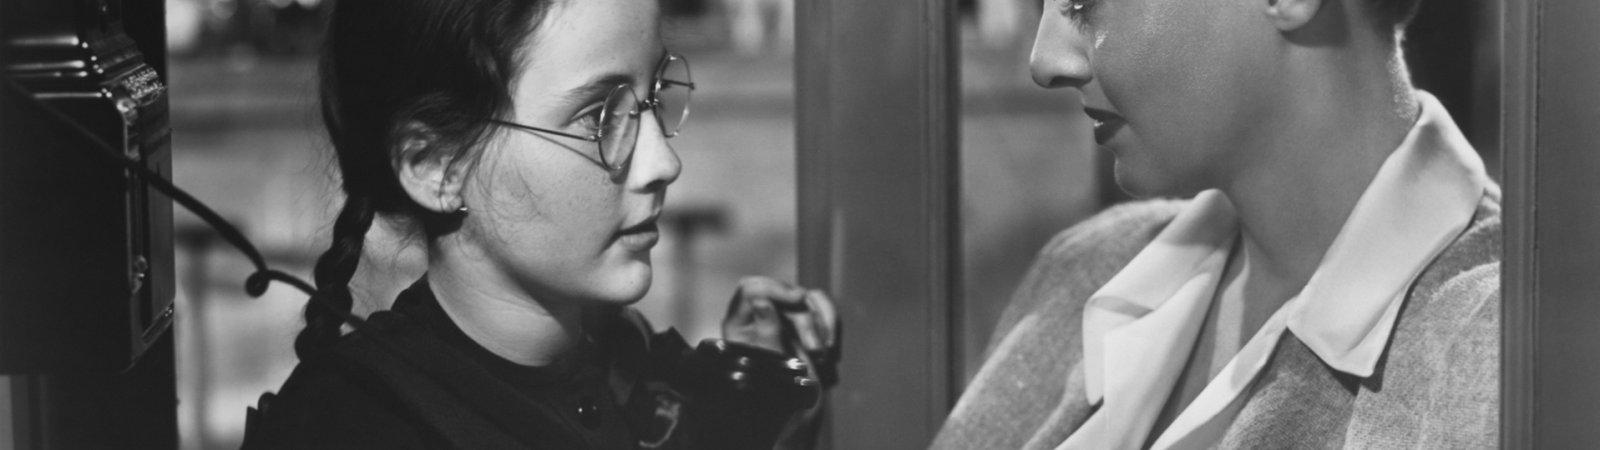 Photo du film : Une Femme cherche son destin